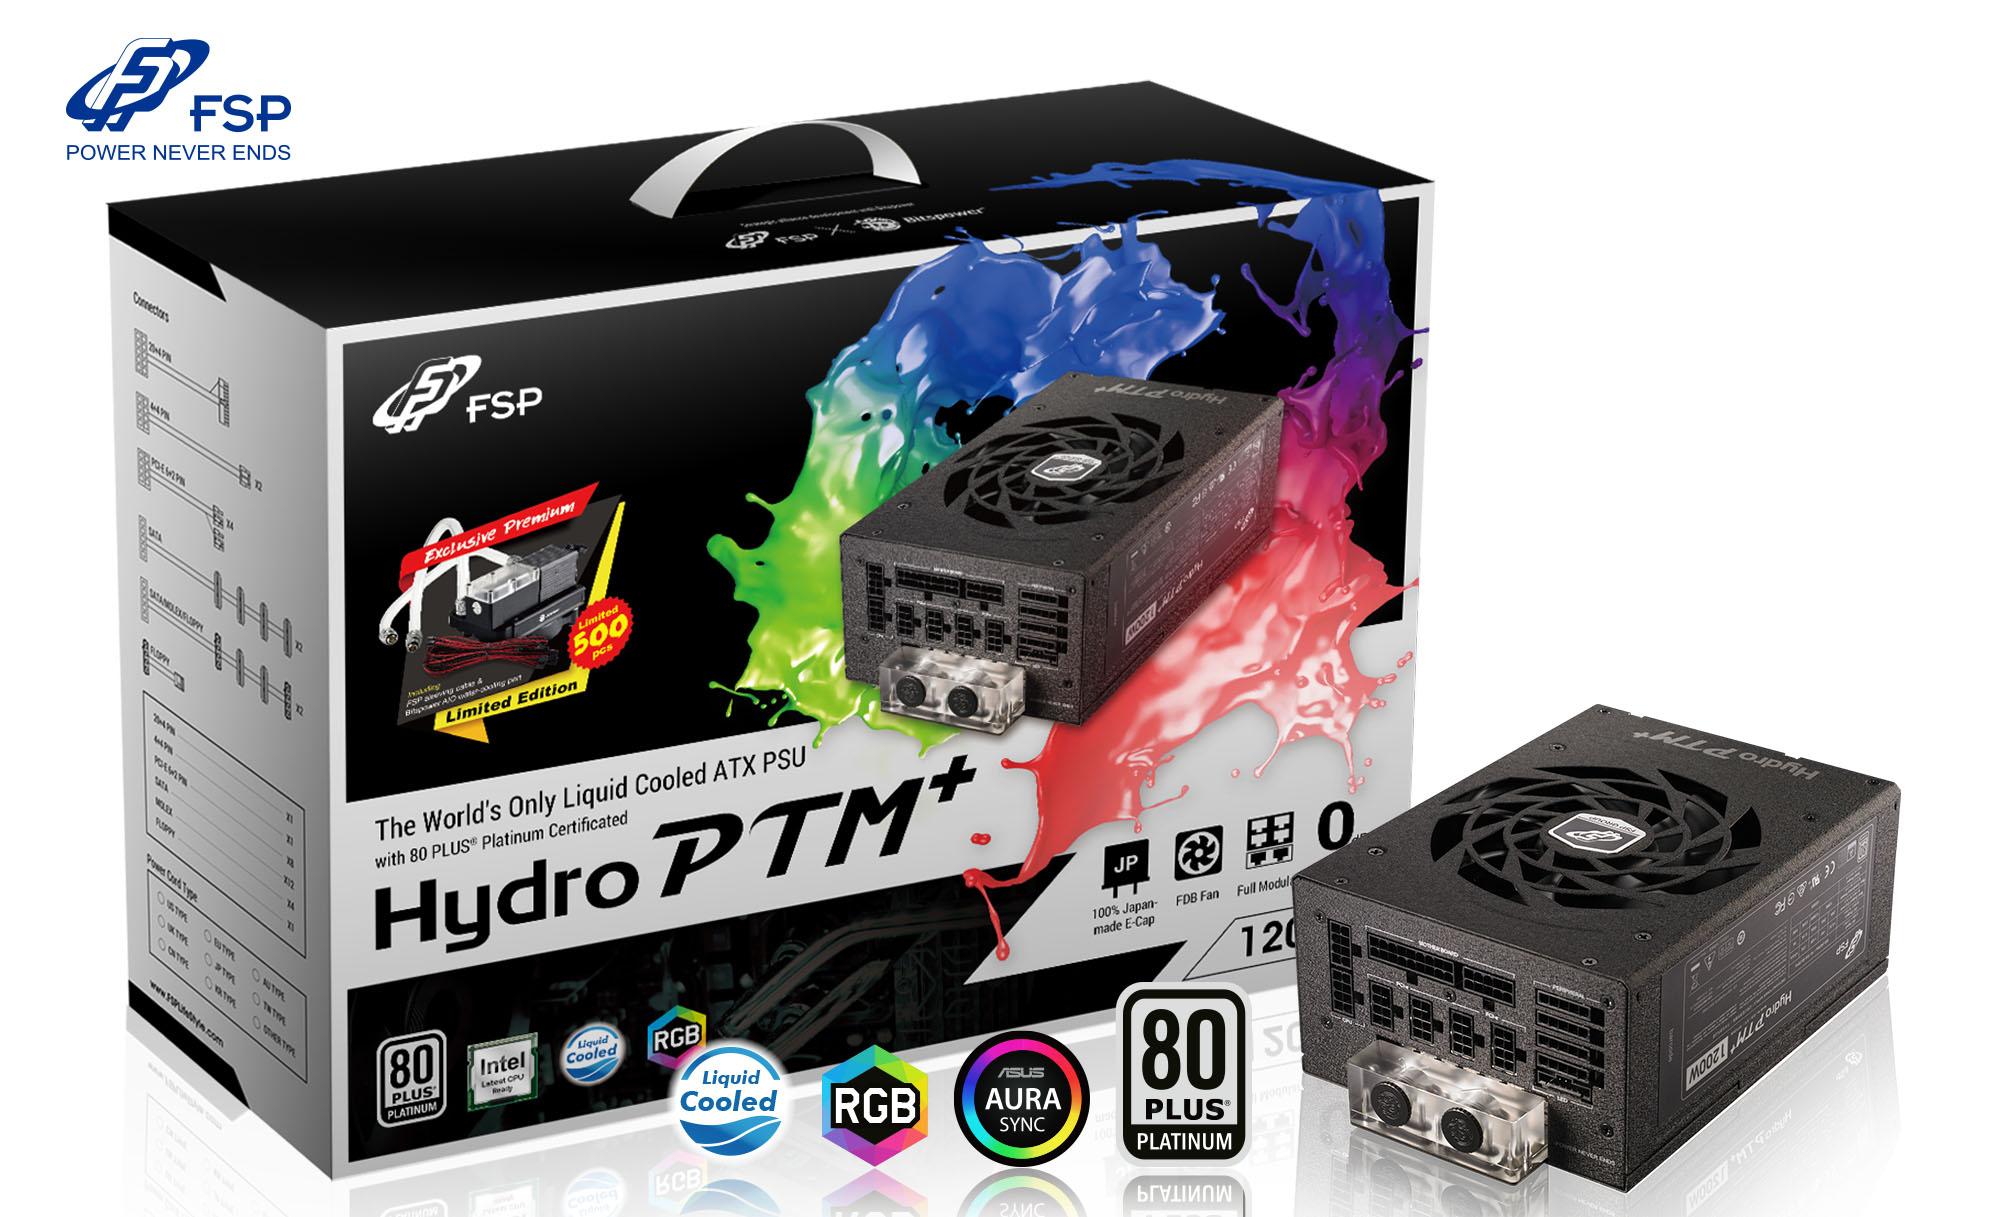 hydro-ptm-1200w-01.jpg